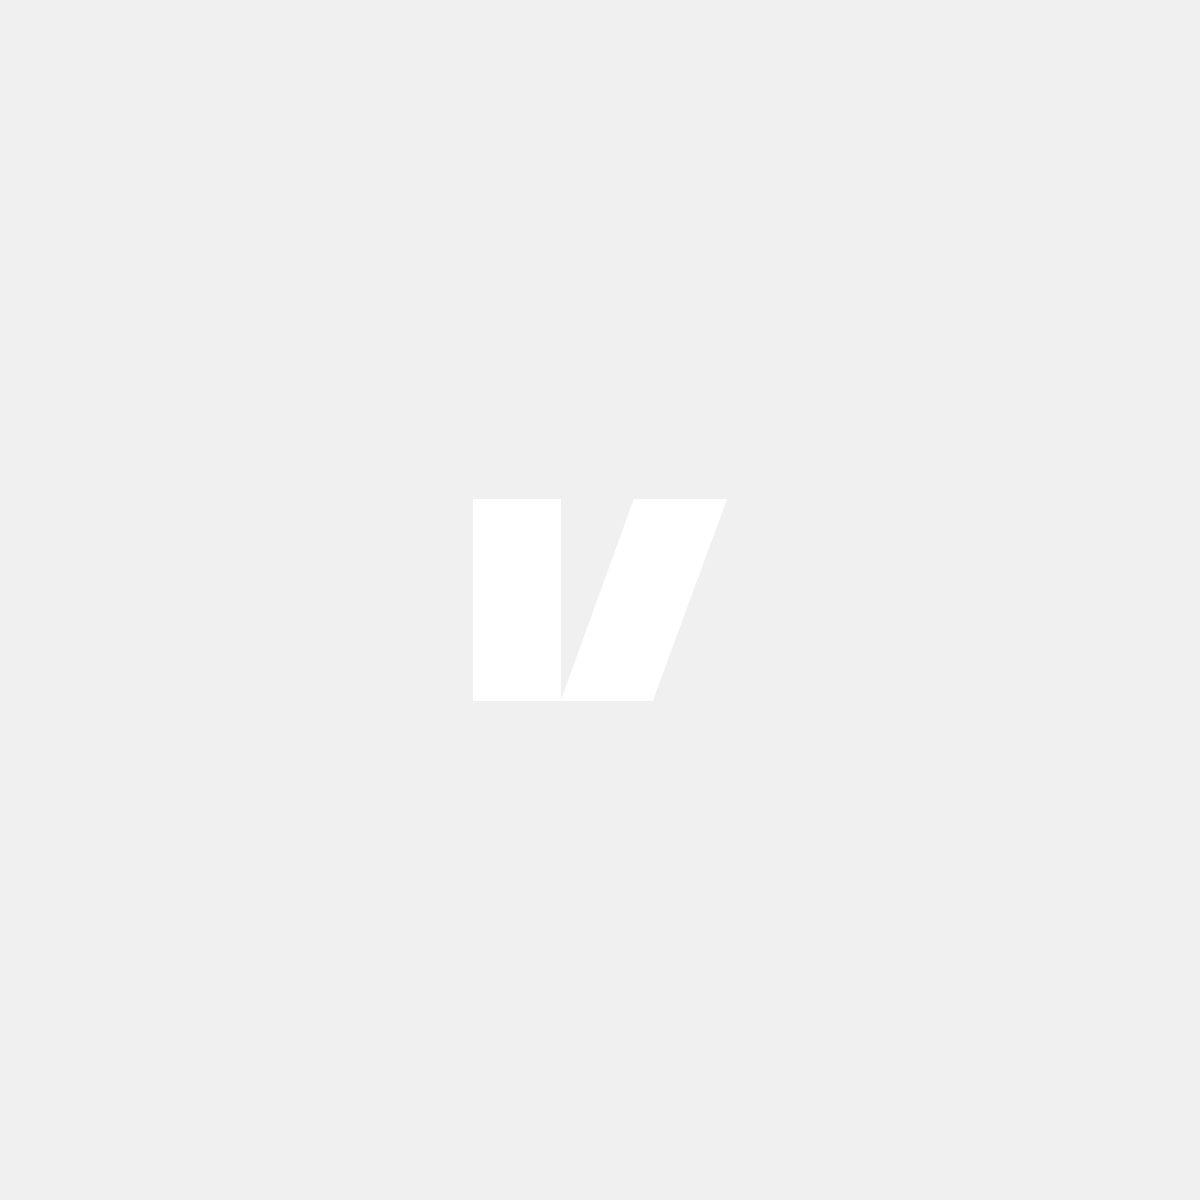 H&R sänkningsfjädersats 30mm, till Volvo S80, V70n, utan nivåreg